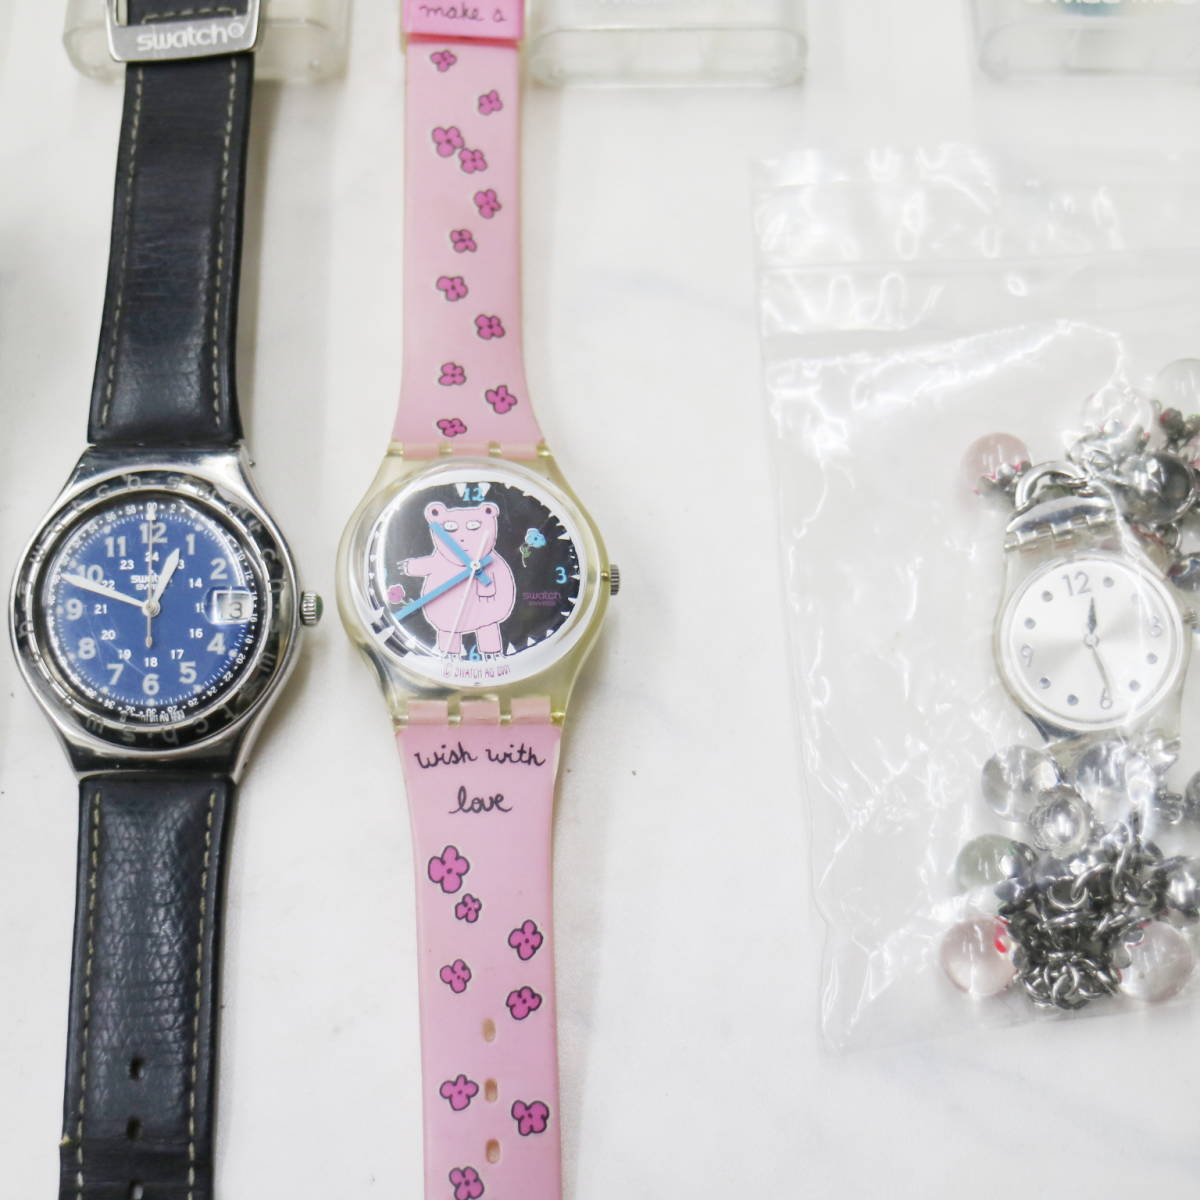 swatch スウォッチ 大量【14個】まとめ売り★ ジャンク 可動 電池切れ まとめて! 業者 フリマ 福袋 腕時計 ウォッチ w55g804_画像6